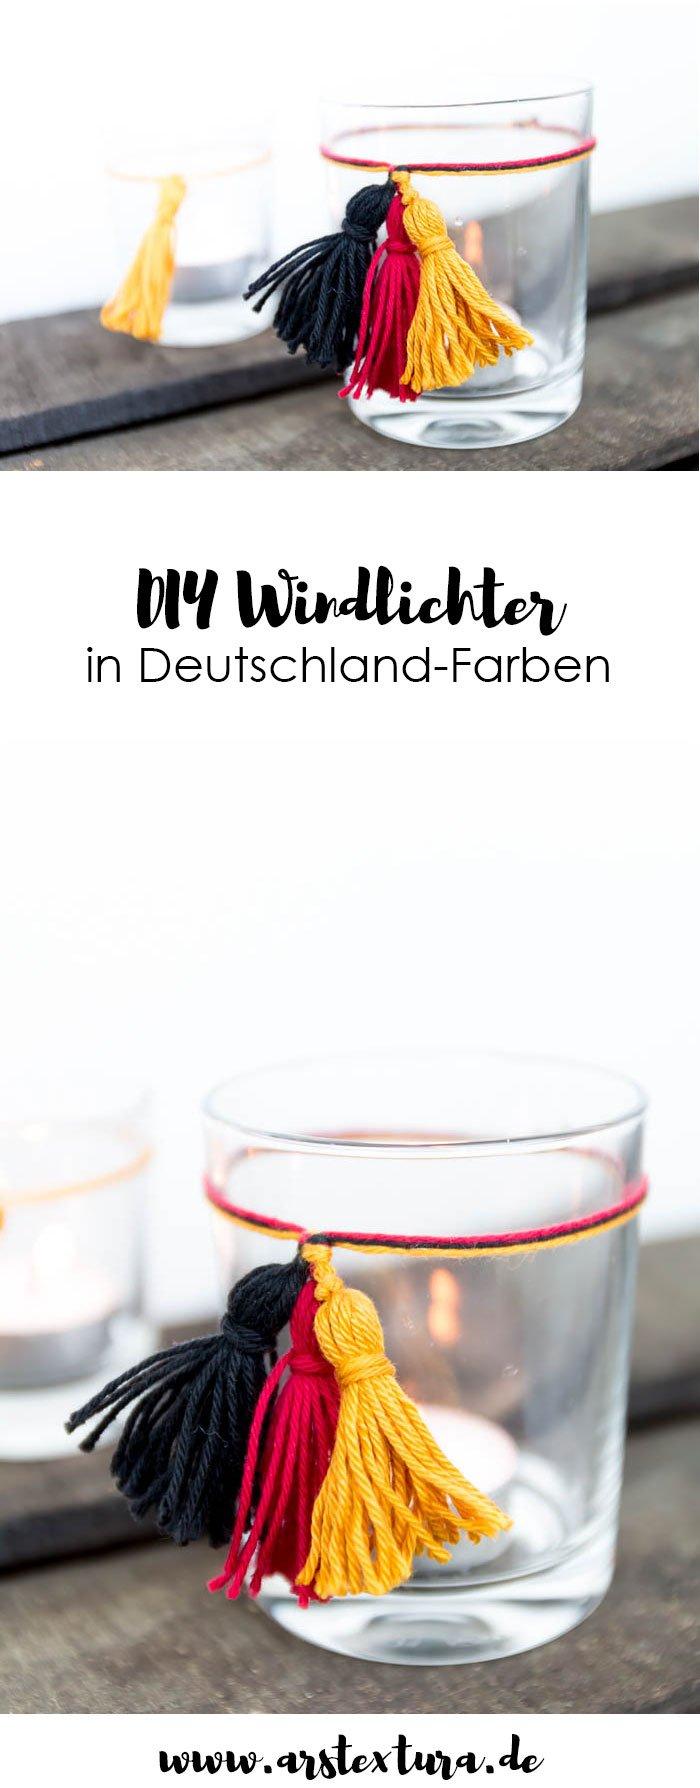 DIY Windlichter in Deutschlandfarben sind die perfekte Deko für deine WM-Party. Mit meiner Video-Anleitung kannst du sie ganz leicht basteln. | ars textura - DIY Blog